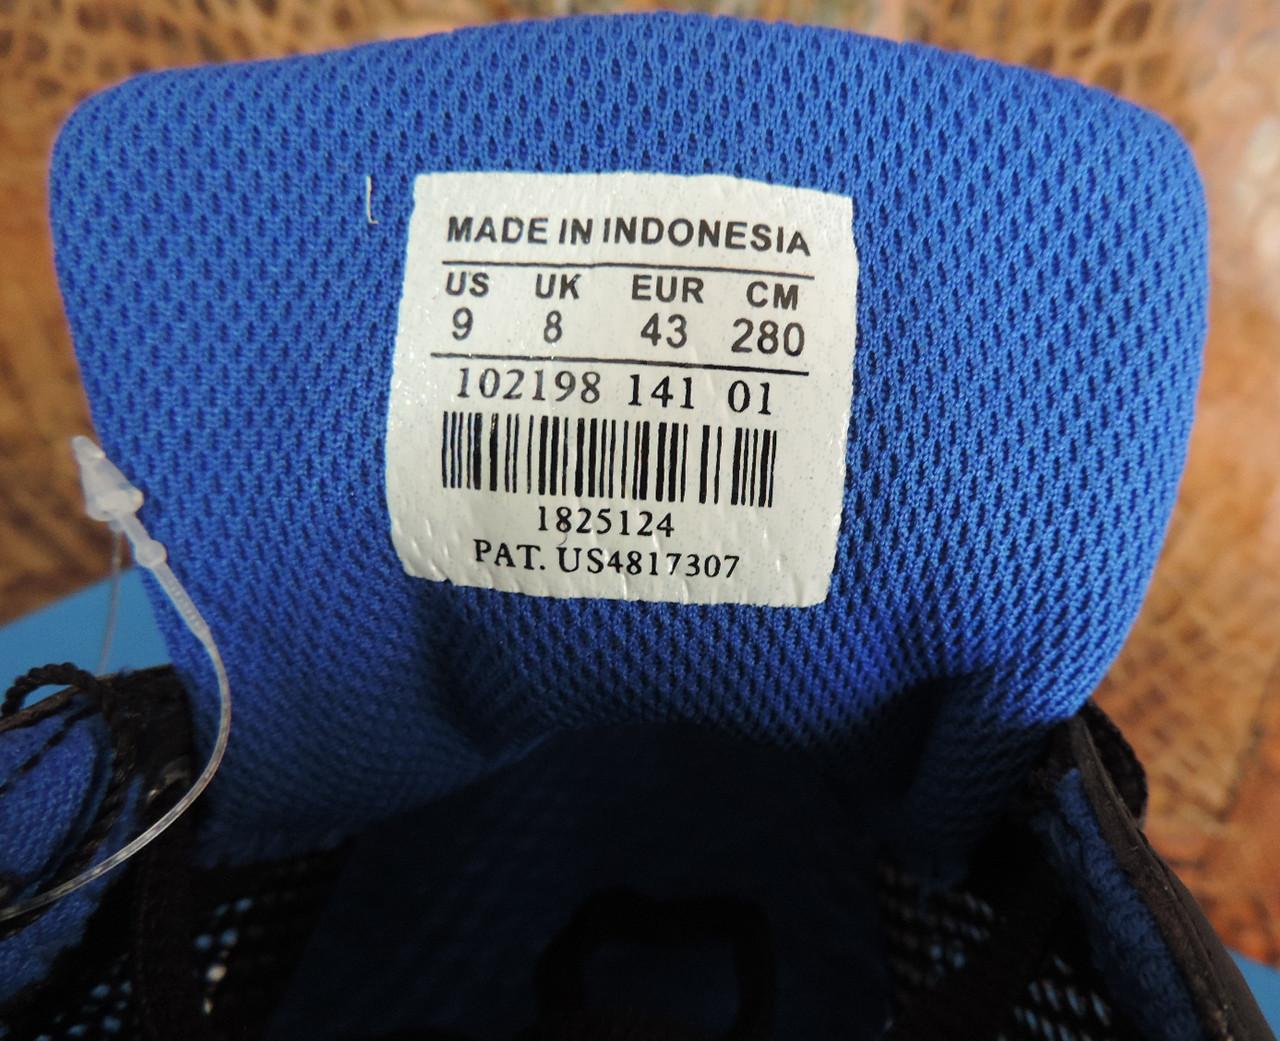 ac87d708c12a Реплика, фото 8 Мужские кроссовки Адидас. Кожаные летние фирменные  кроссовки Adidas Daroga. Реплика, фото 9